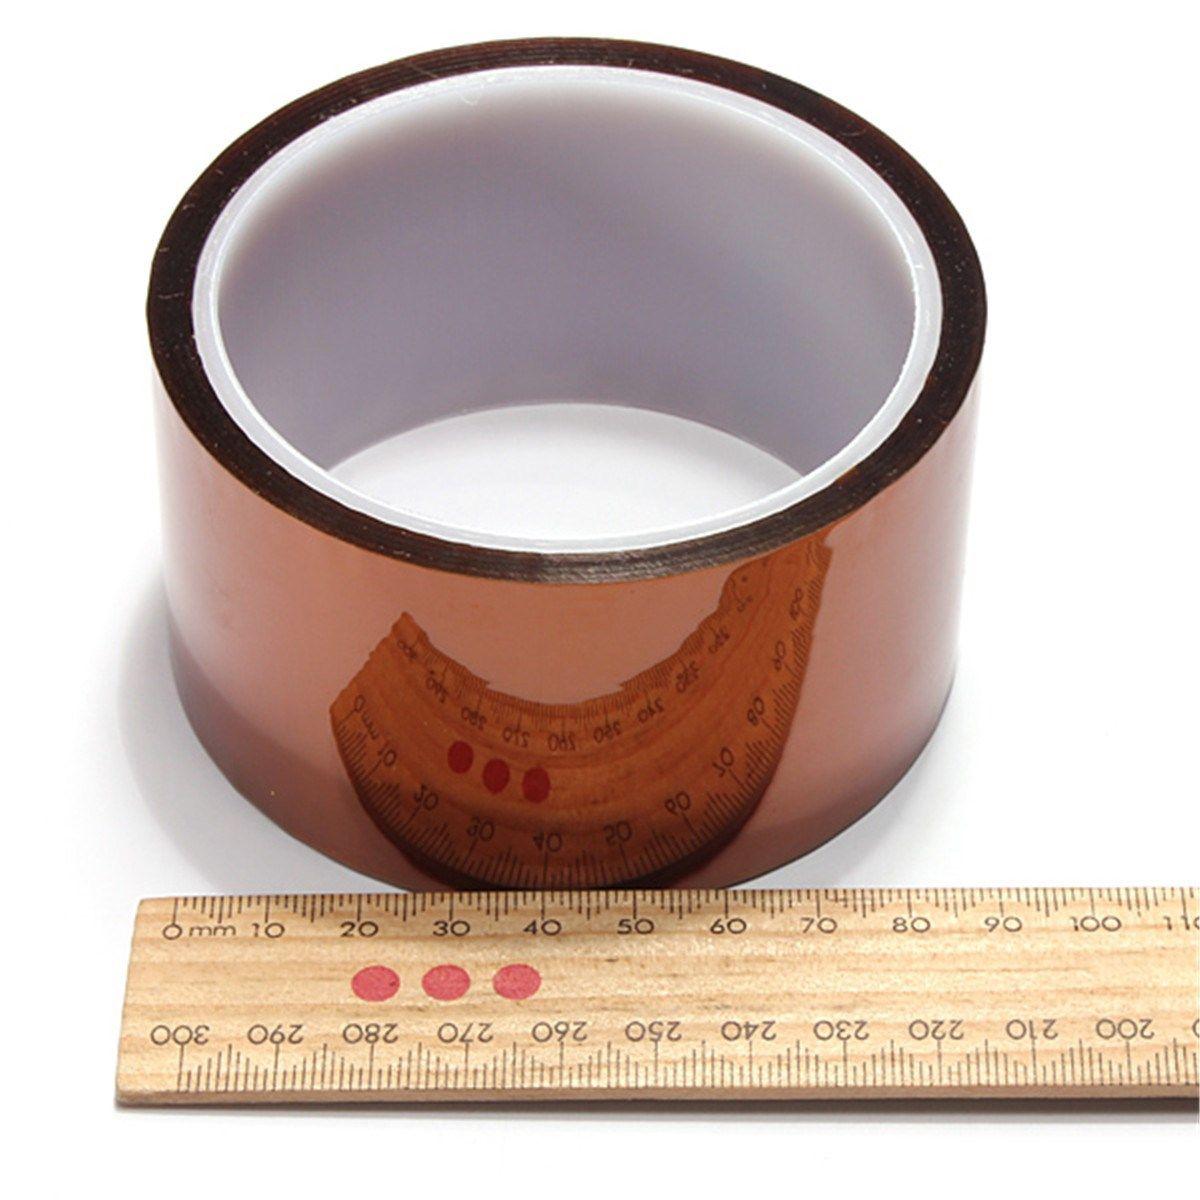 Heißer Verkauf 50mm * 100ft einseitig selbstklebende Hochtemperatur Heat Resistant Polyimid-band für BGA PCB SMT Löten Abschirmung